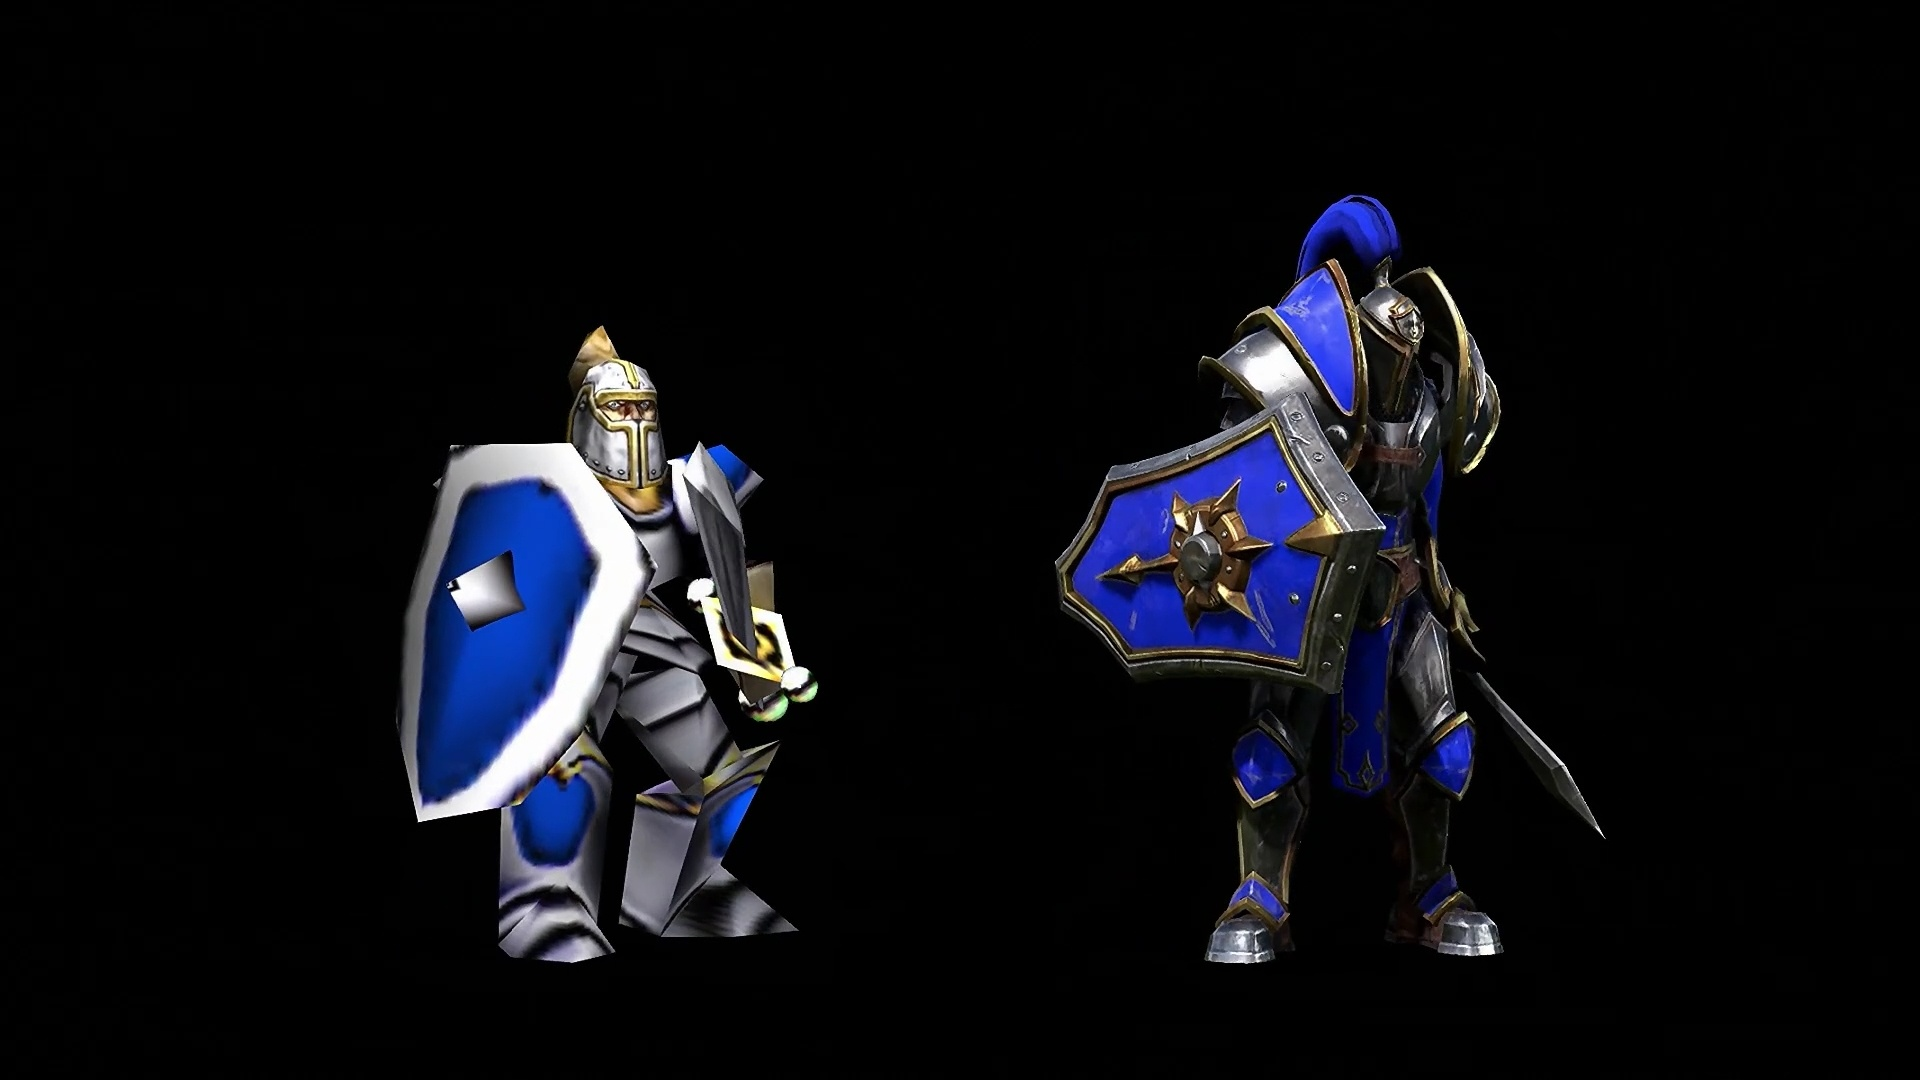 ¿Qué depara el futuro a Warcraft 3: Reforged?